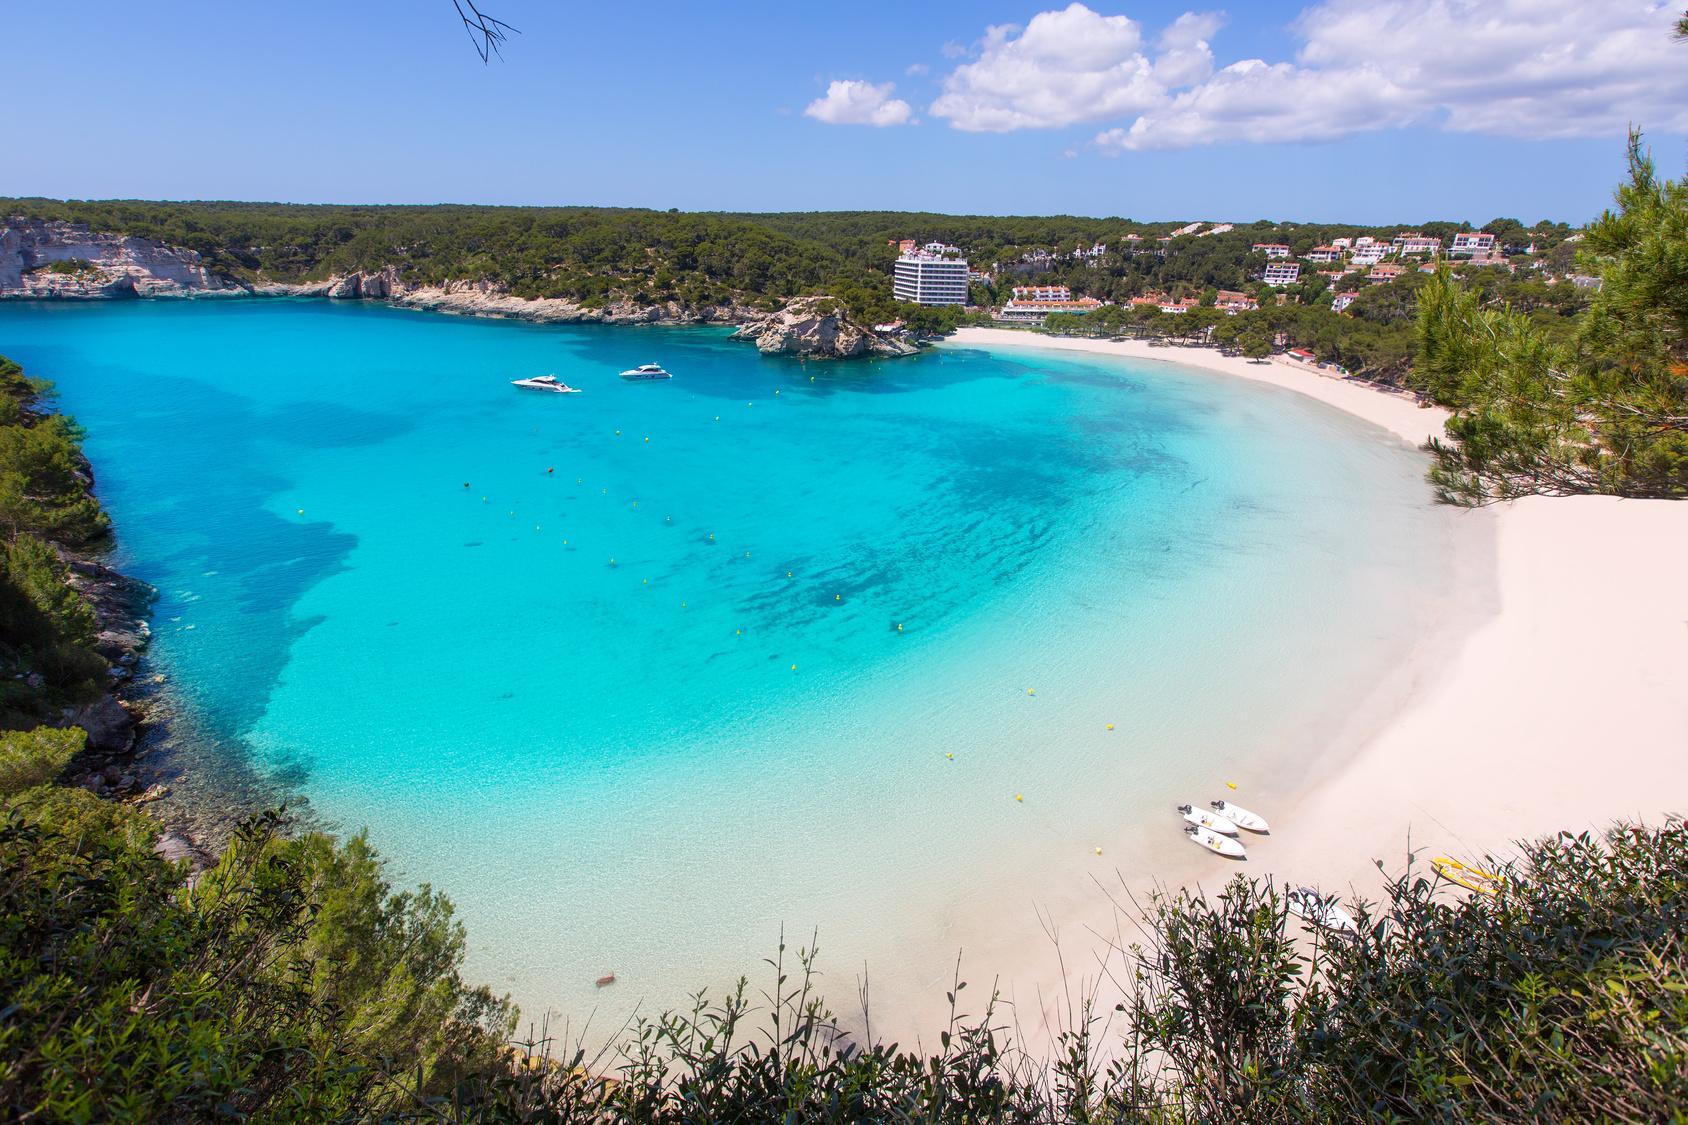 Flug Und Hotel In Menorca